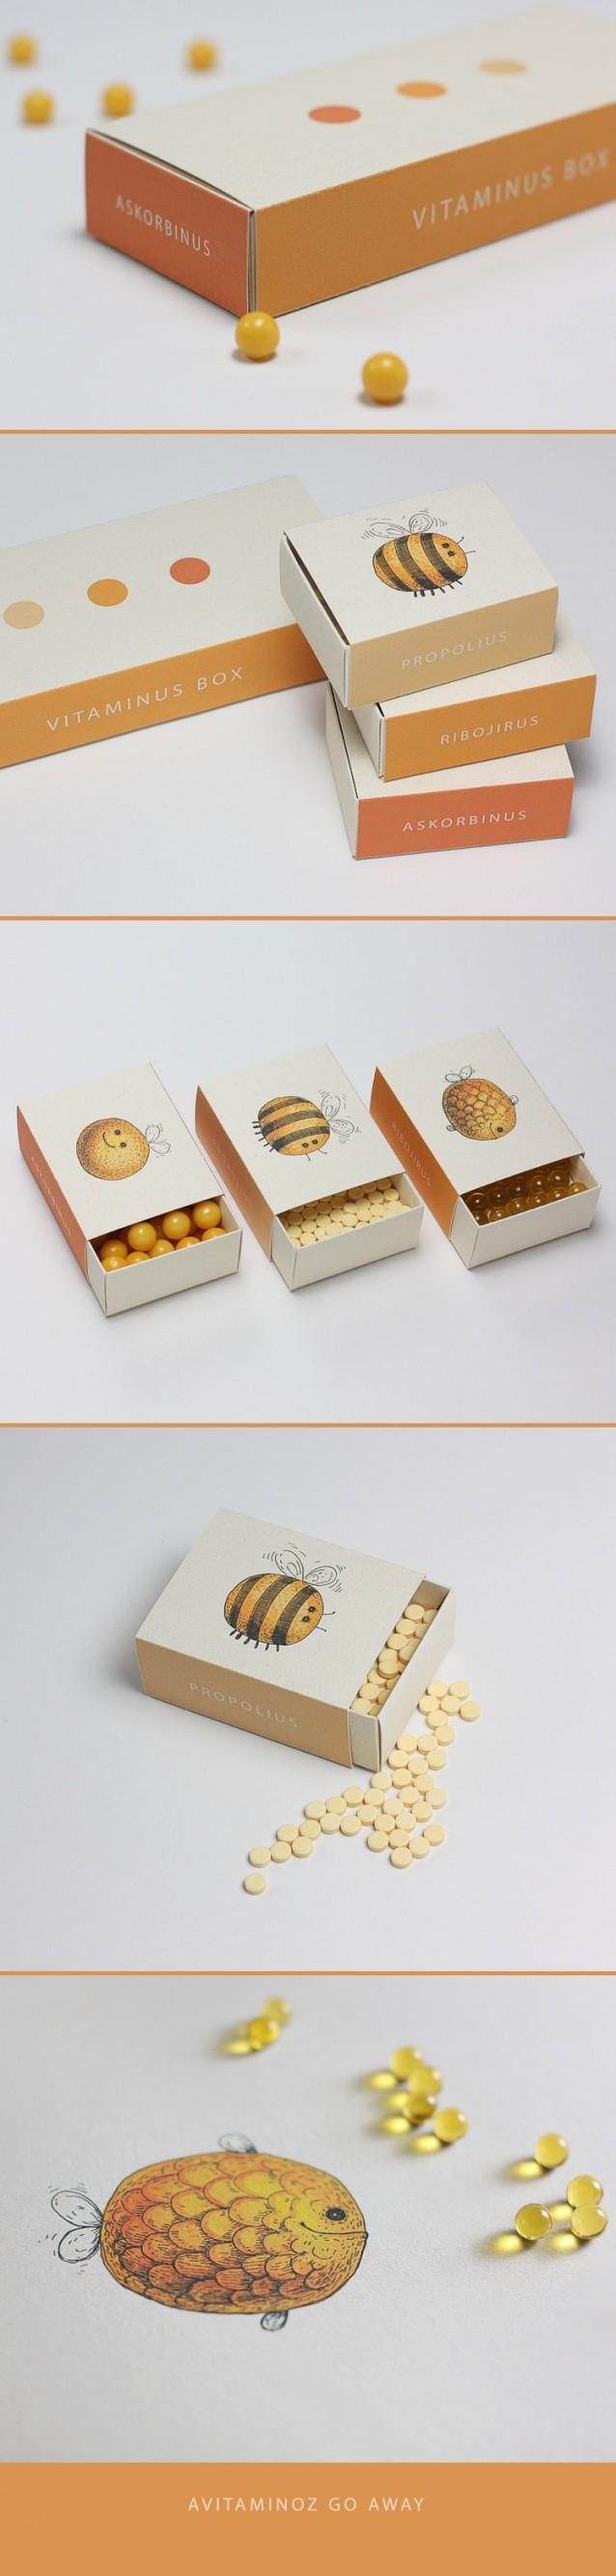 Vitaminepillen verpakking